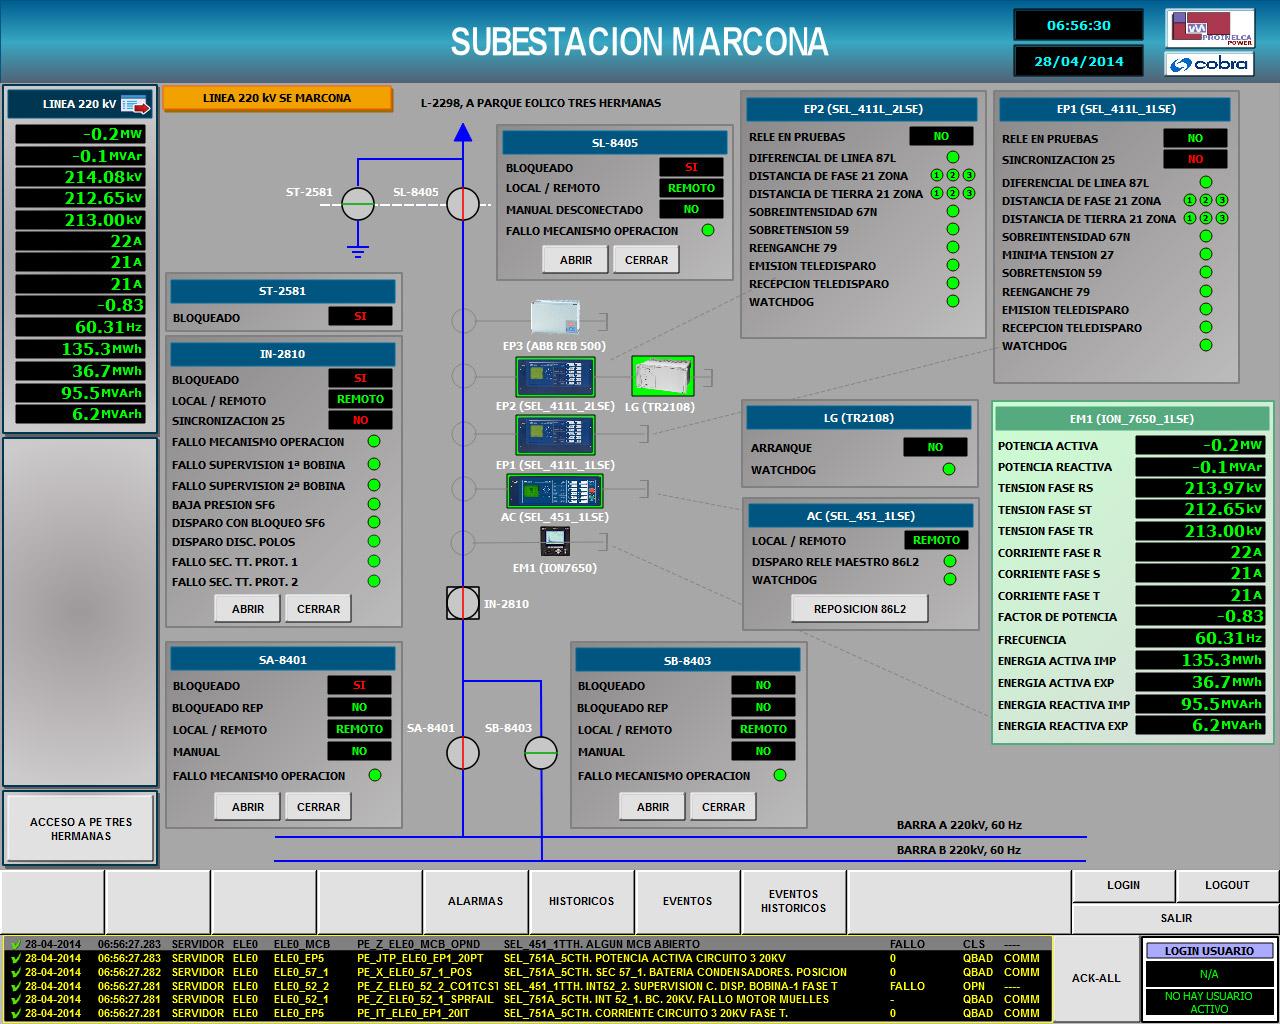 Sistema SCADA - Subestación Parque Eólico Marcona, Nazca, Perú